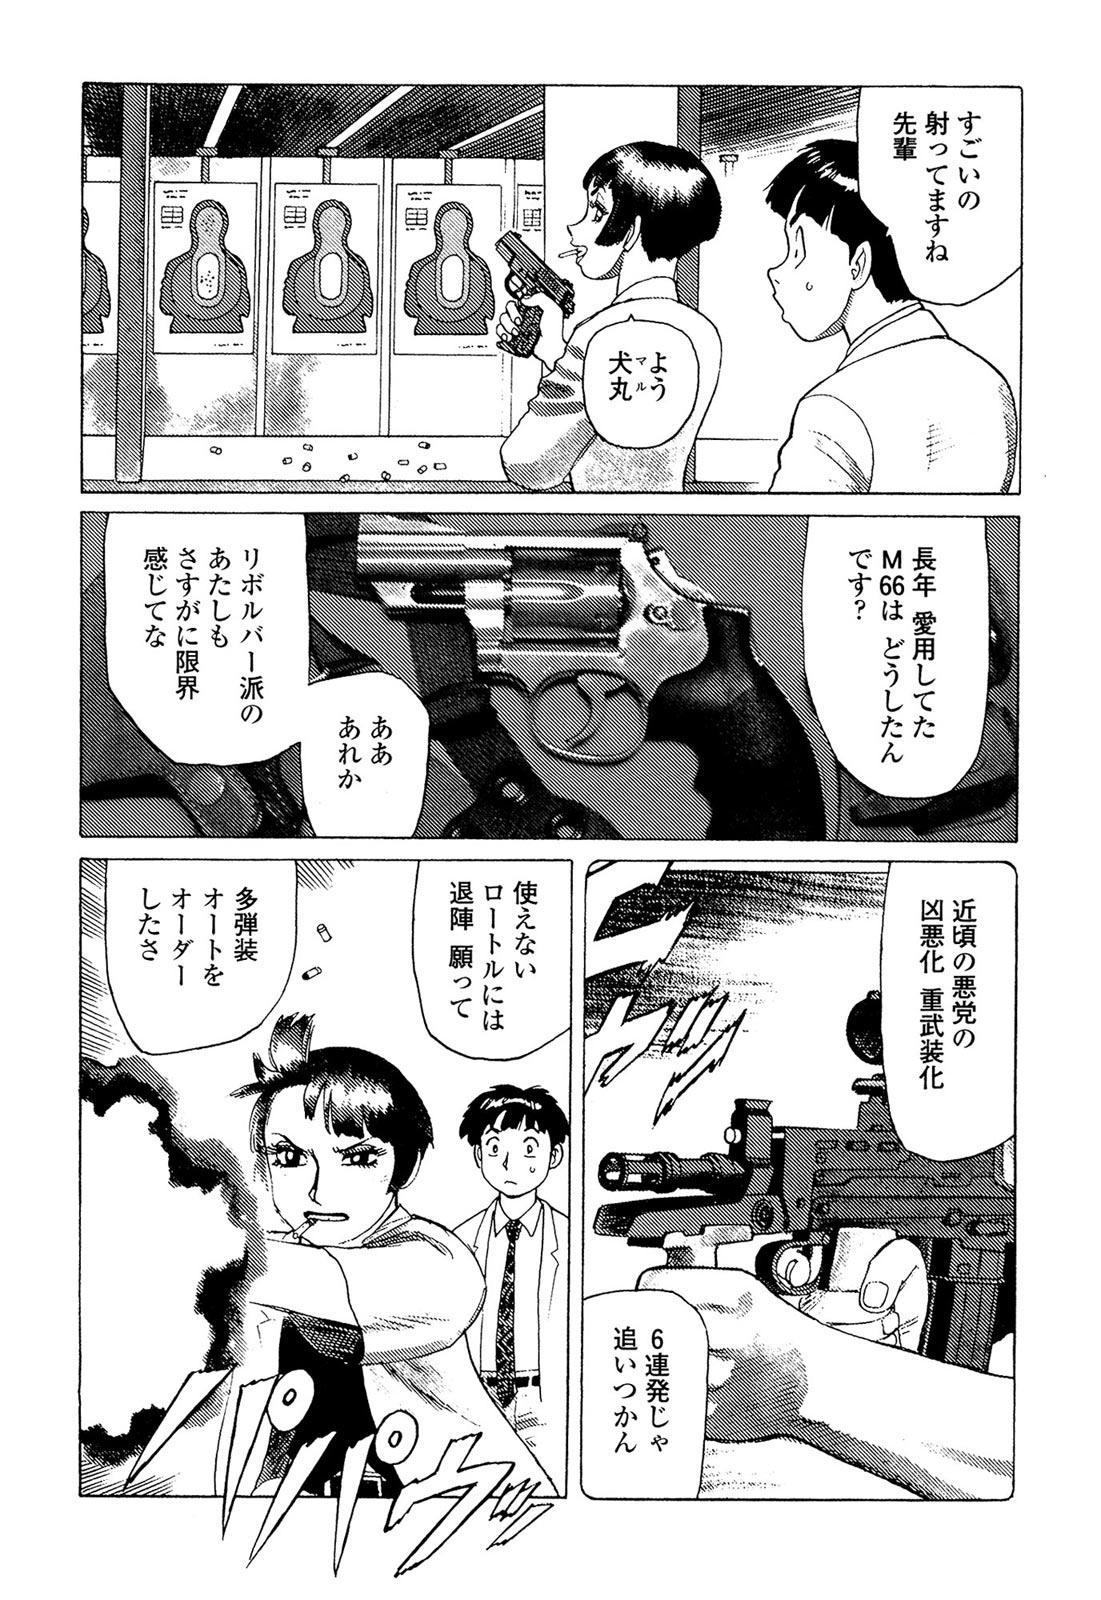 Ammo Vol 5 41